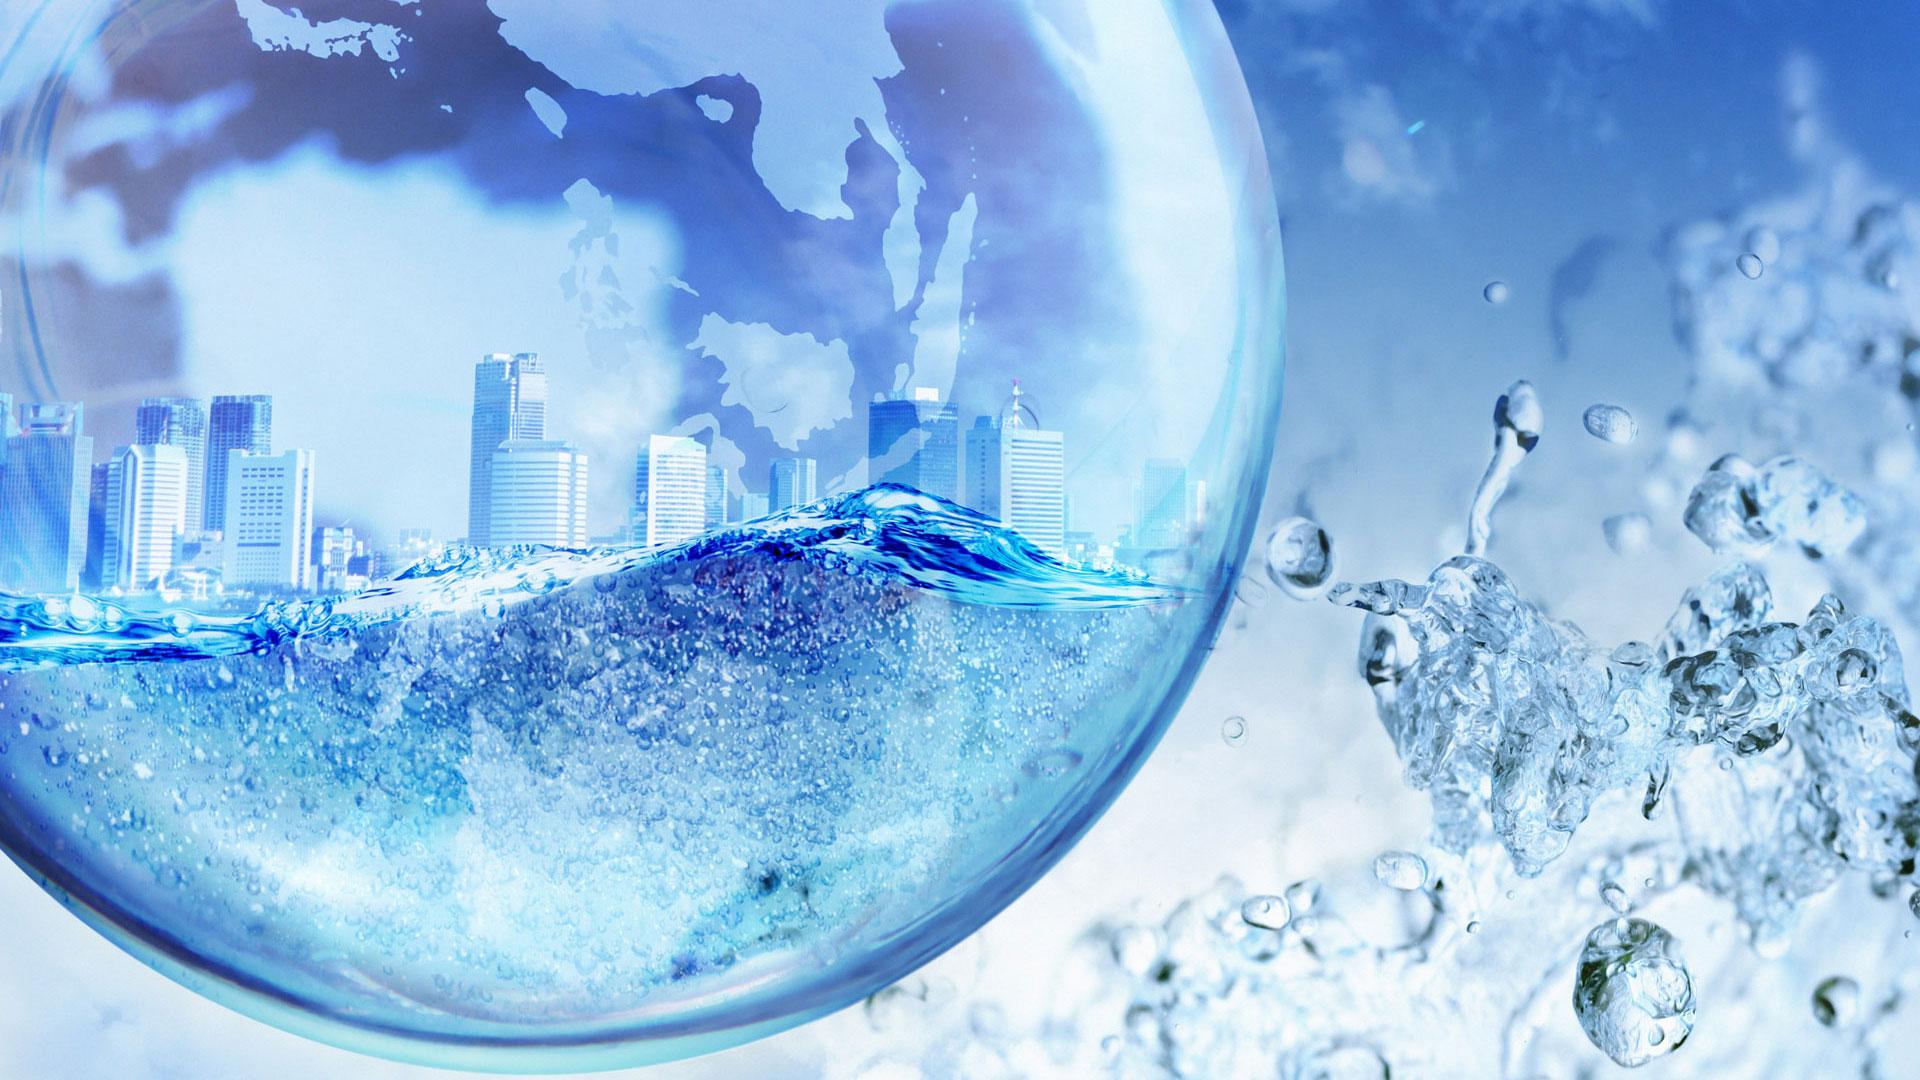 картинка вода источник жизни здорового